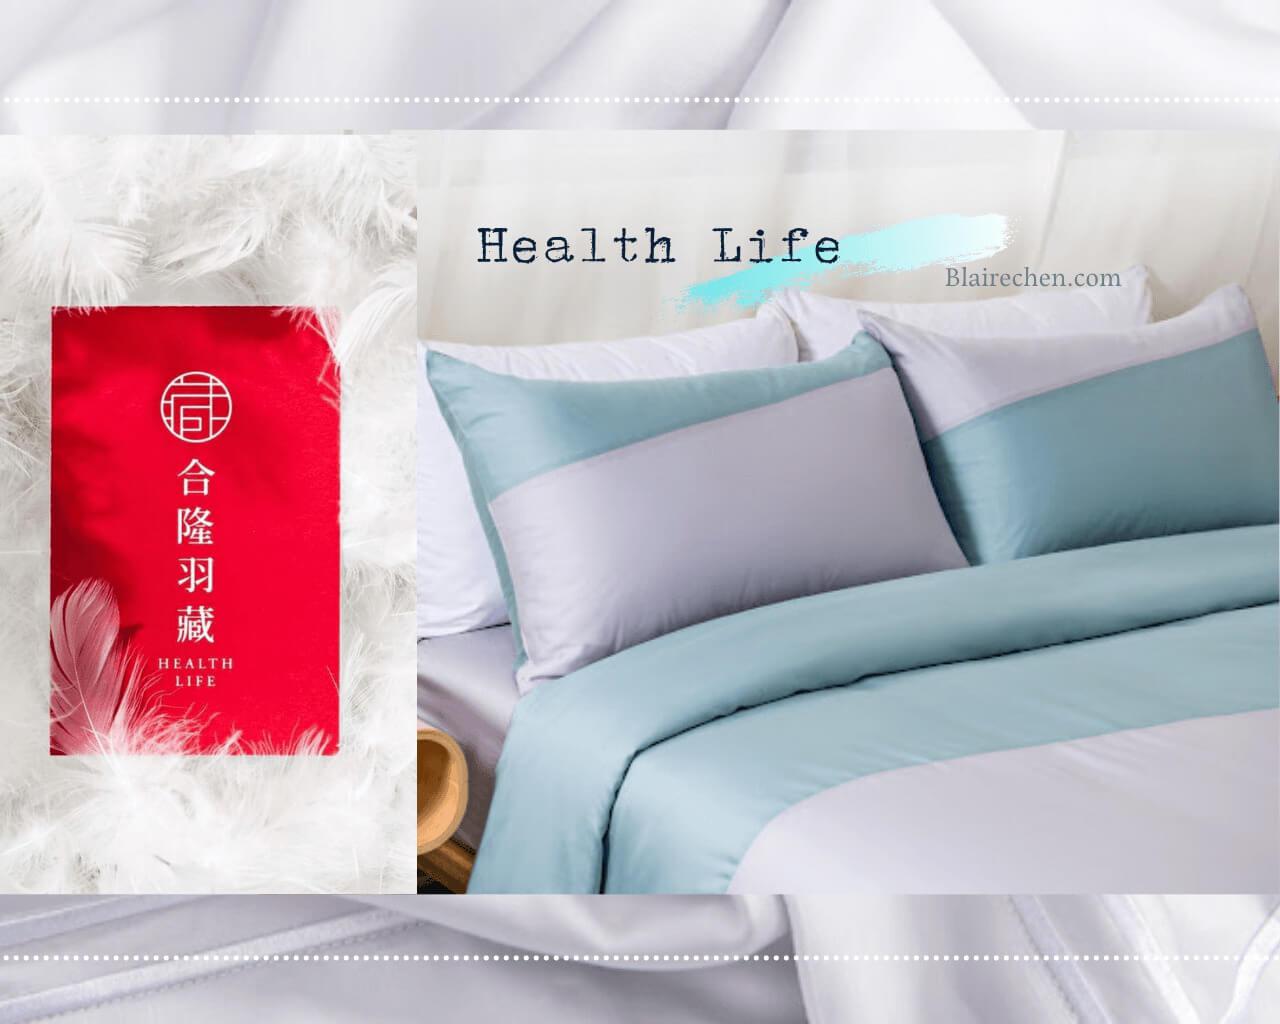 床,是最有安全感的地方!合隆羽藏的寢飾,親膚的像情人擁抱,不只質感高級、更充滿愛的溫度!